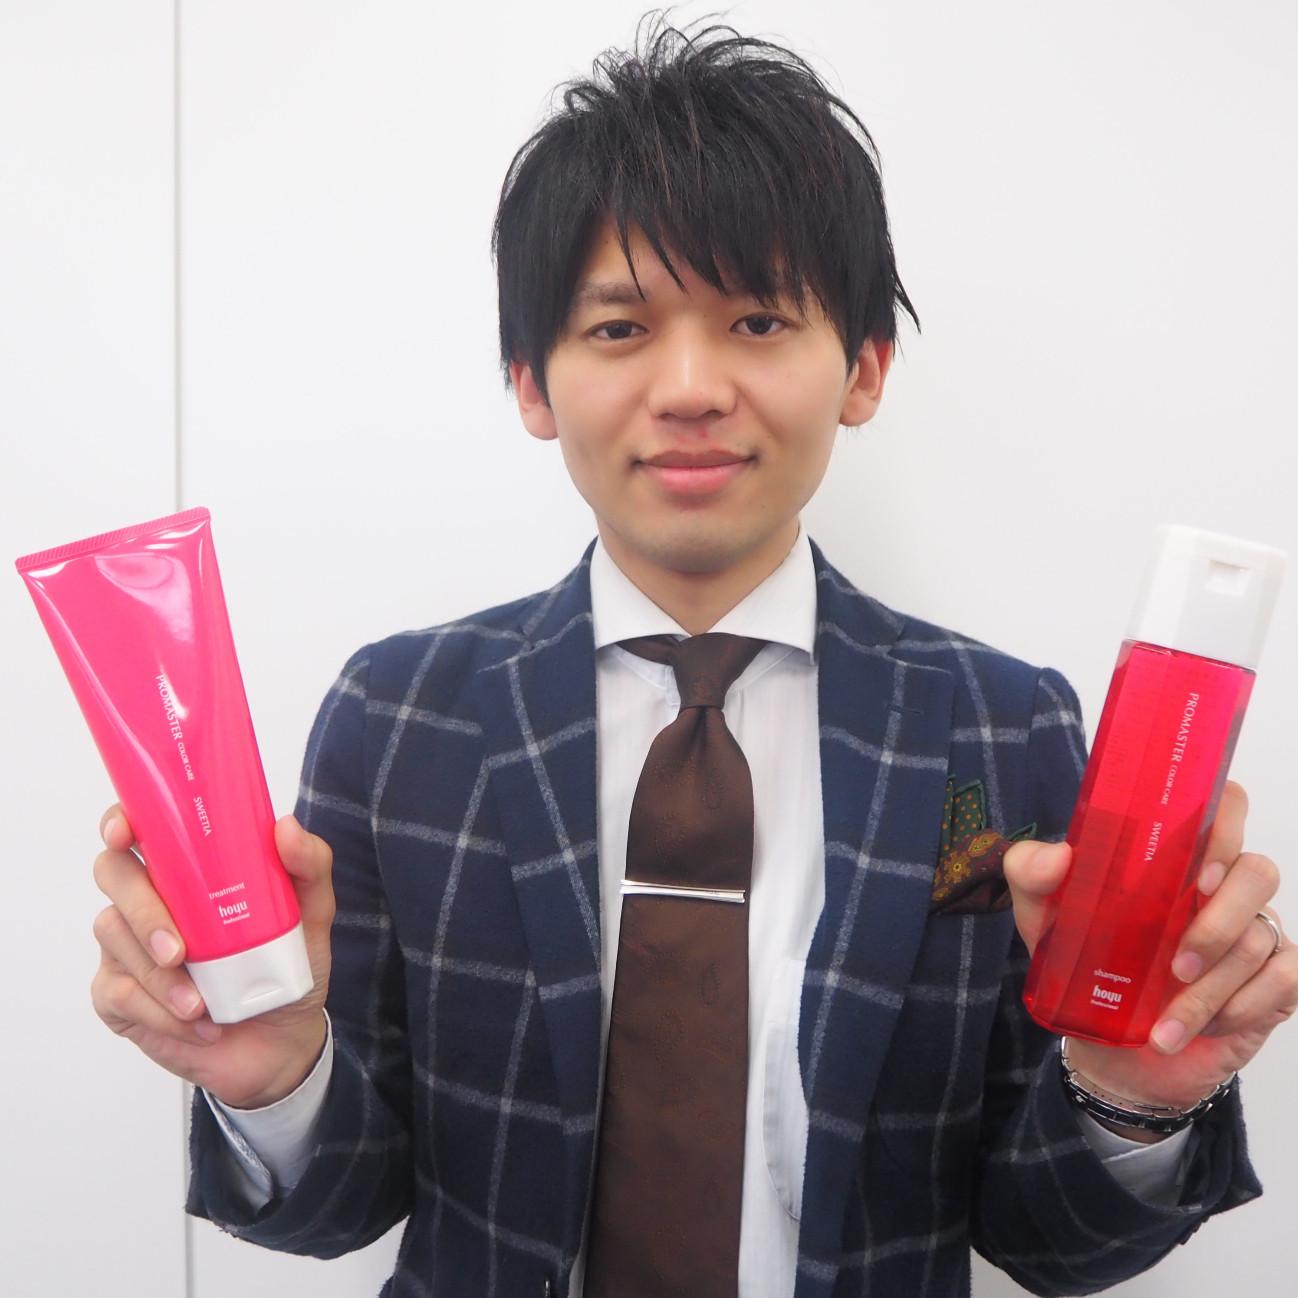 カラーのクオリティを保つ!美容室専売ヘアケアシリーズ「プロマスター カラーケア」